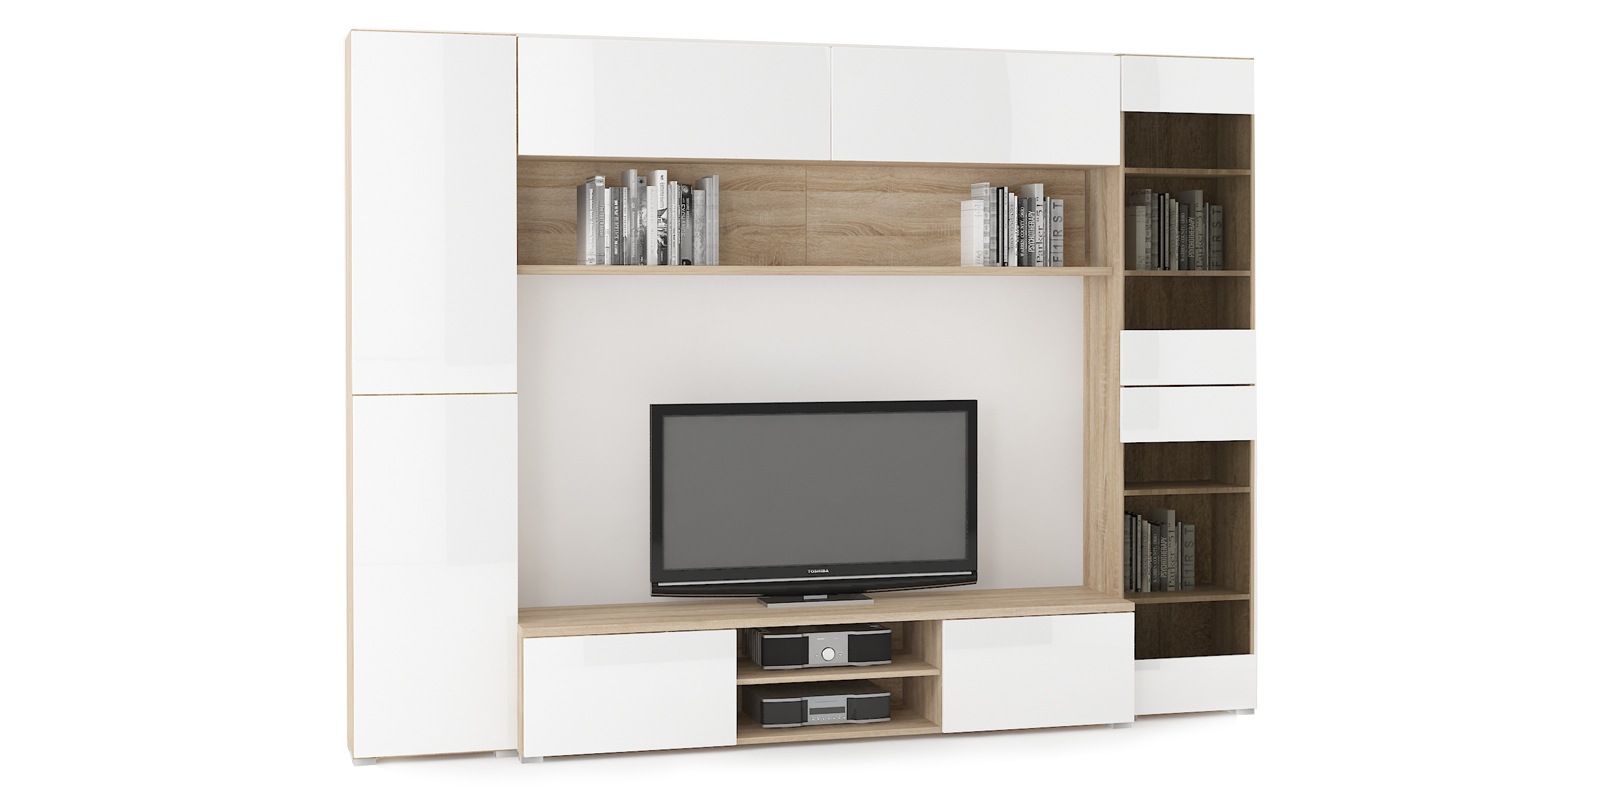 Модульная система Верона вариант №6 (дуб сонома/белый глянец) от HomeMe.ru